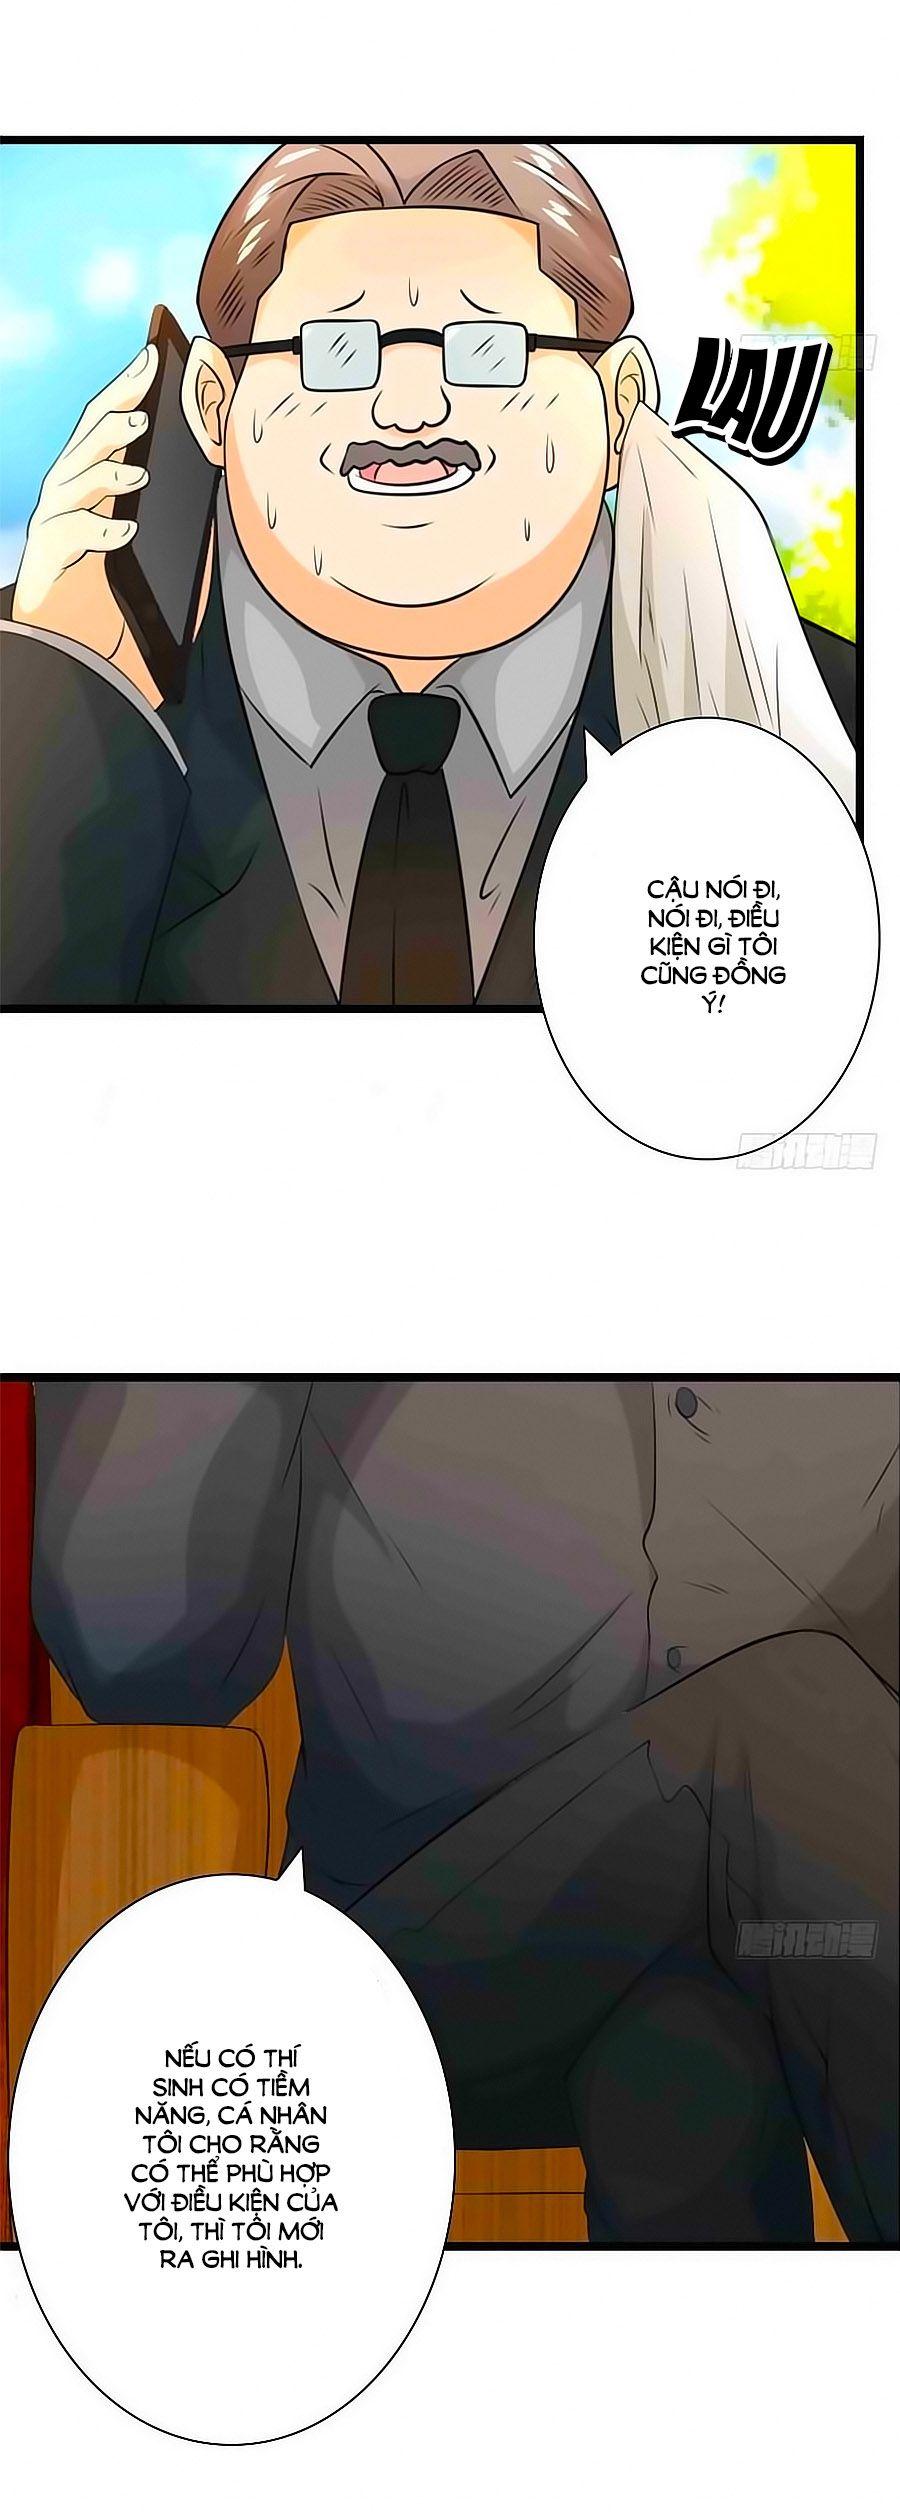 Diêm Vương Lão Công Thật Đáng Yêu - Chap 18